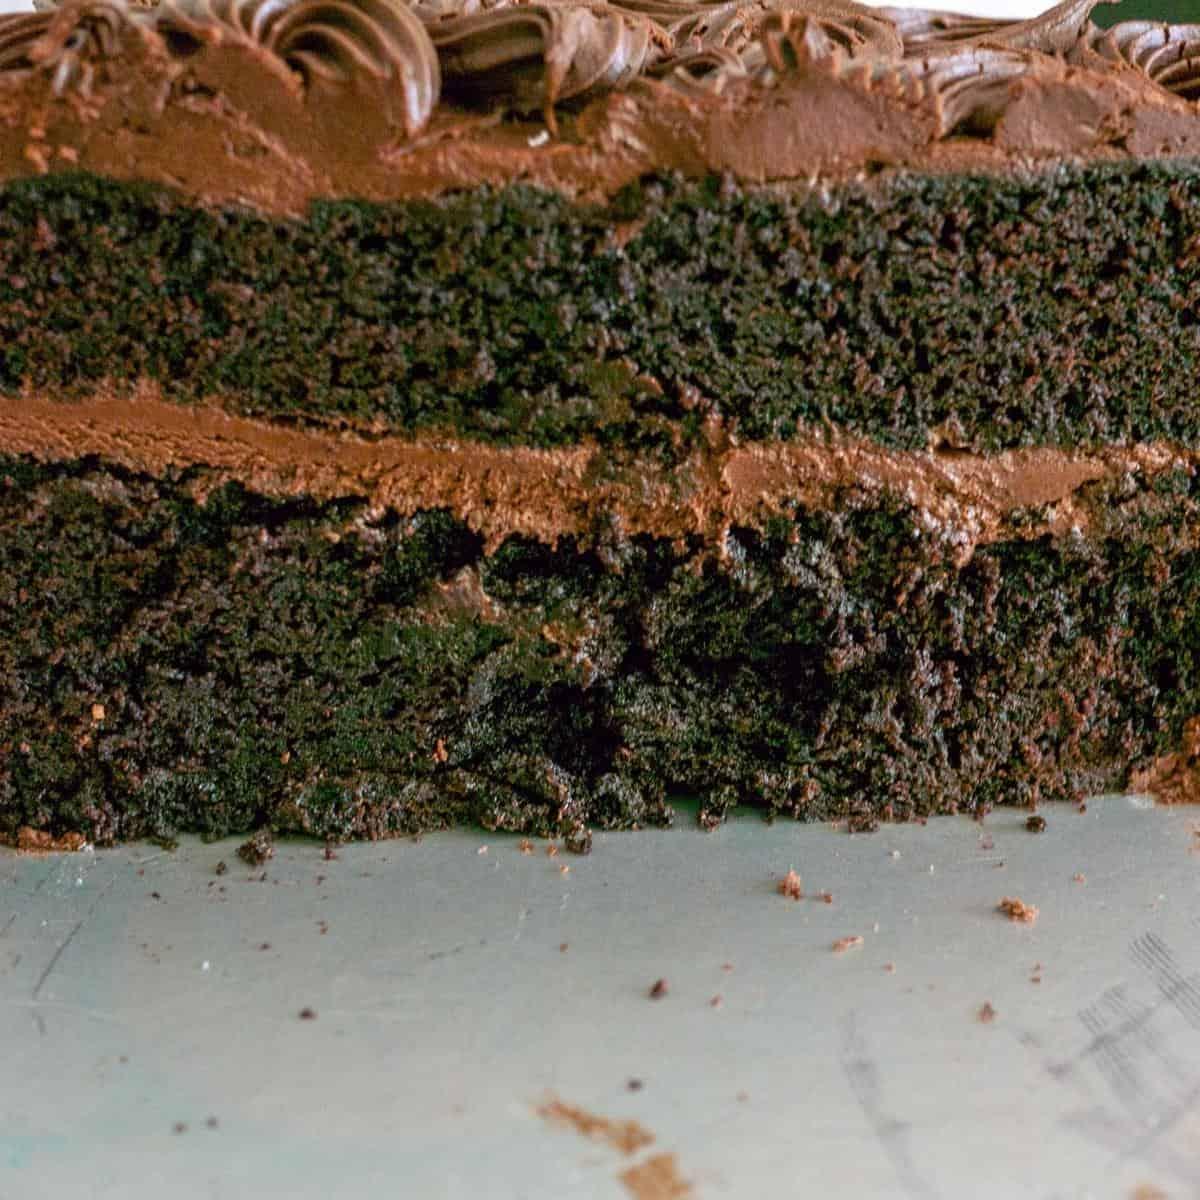 Sliced chiffon cake on a cake stand.